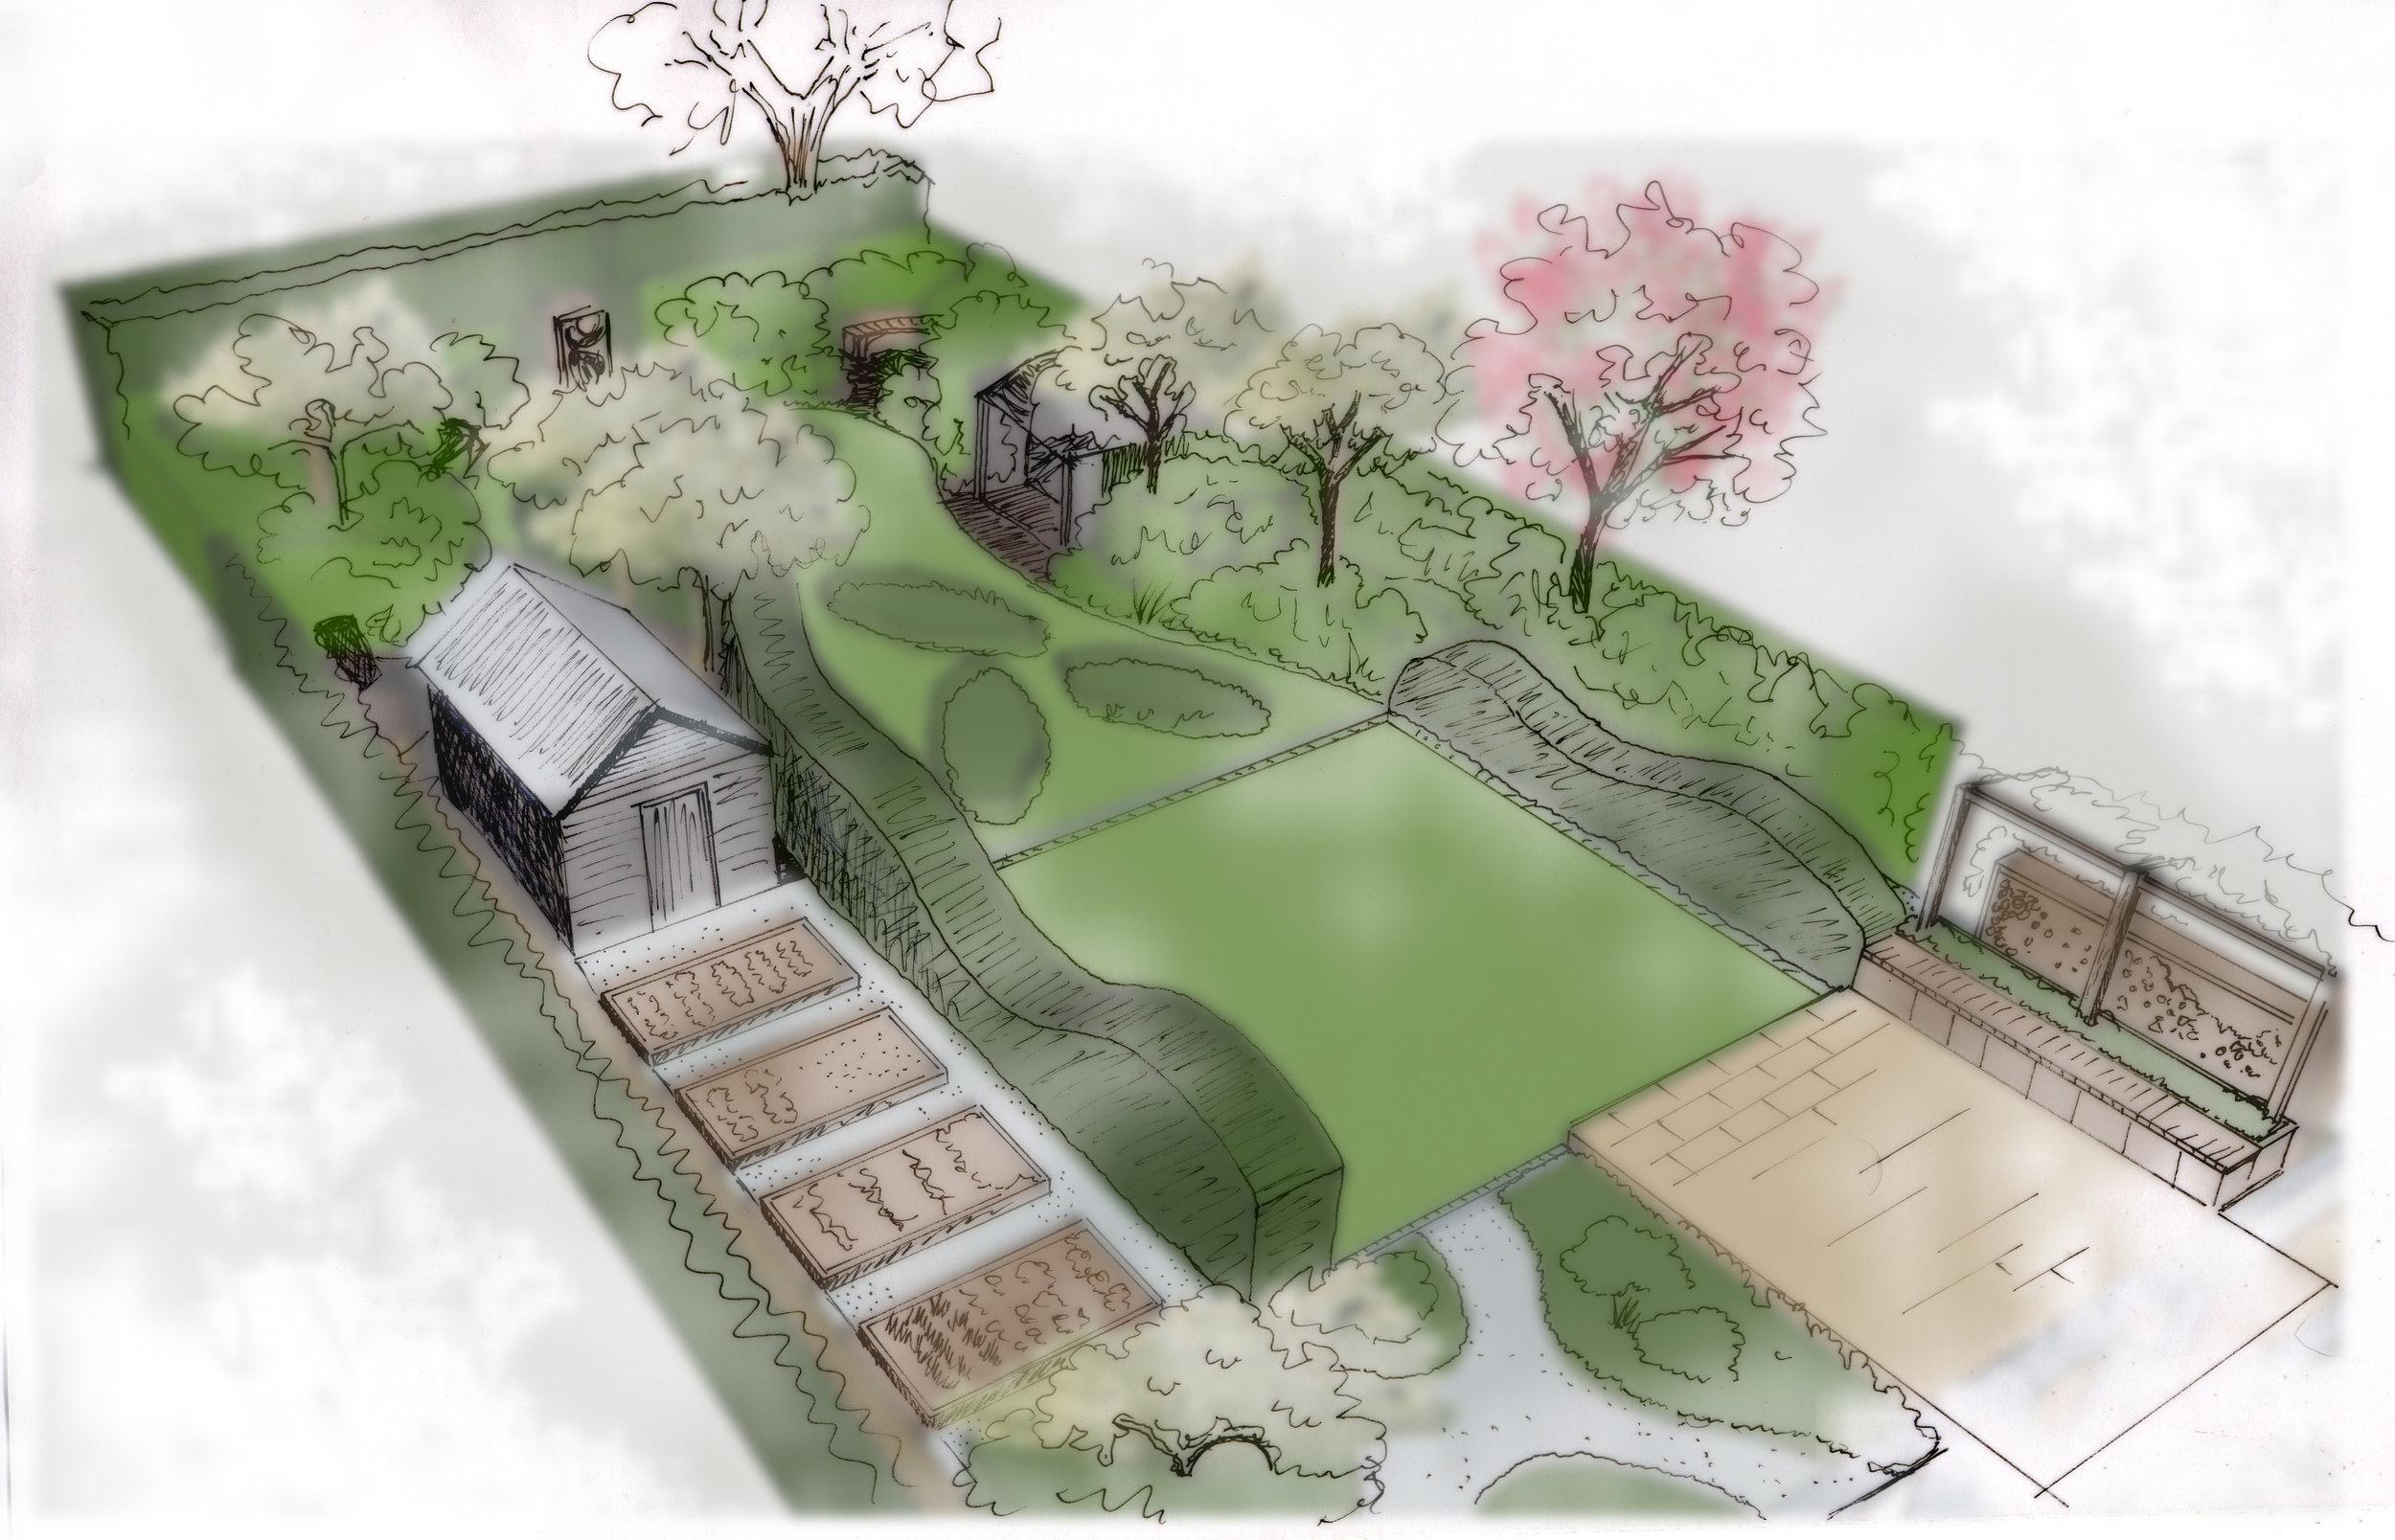 Sketch Plan for a Suburban Family Garden